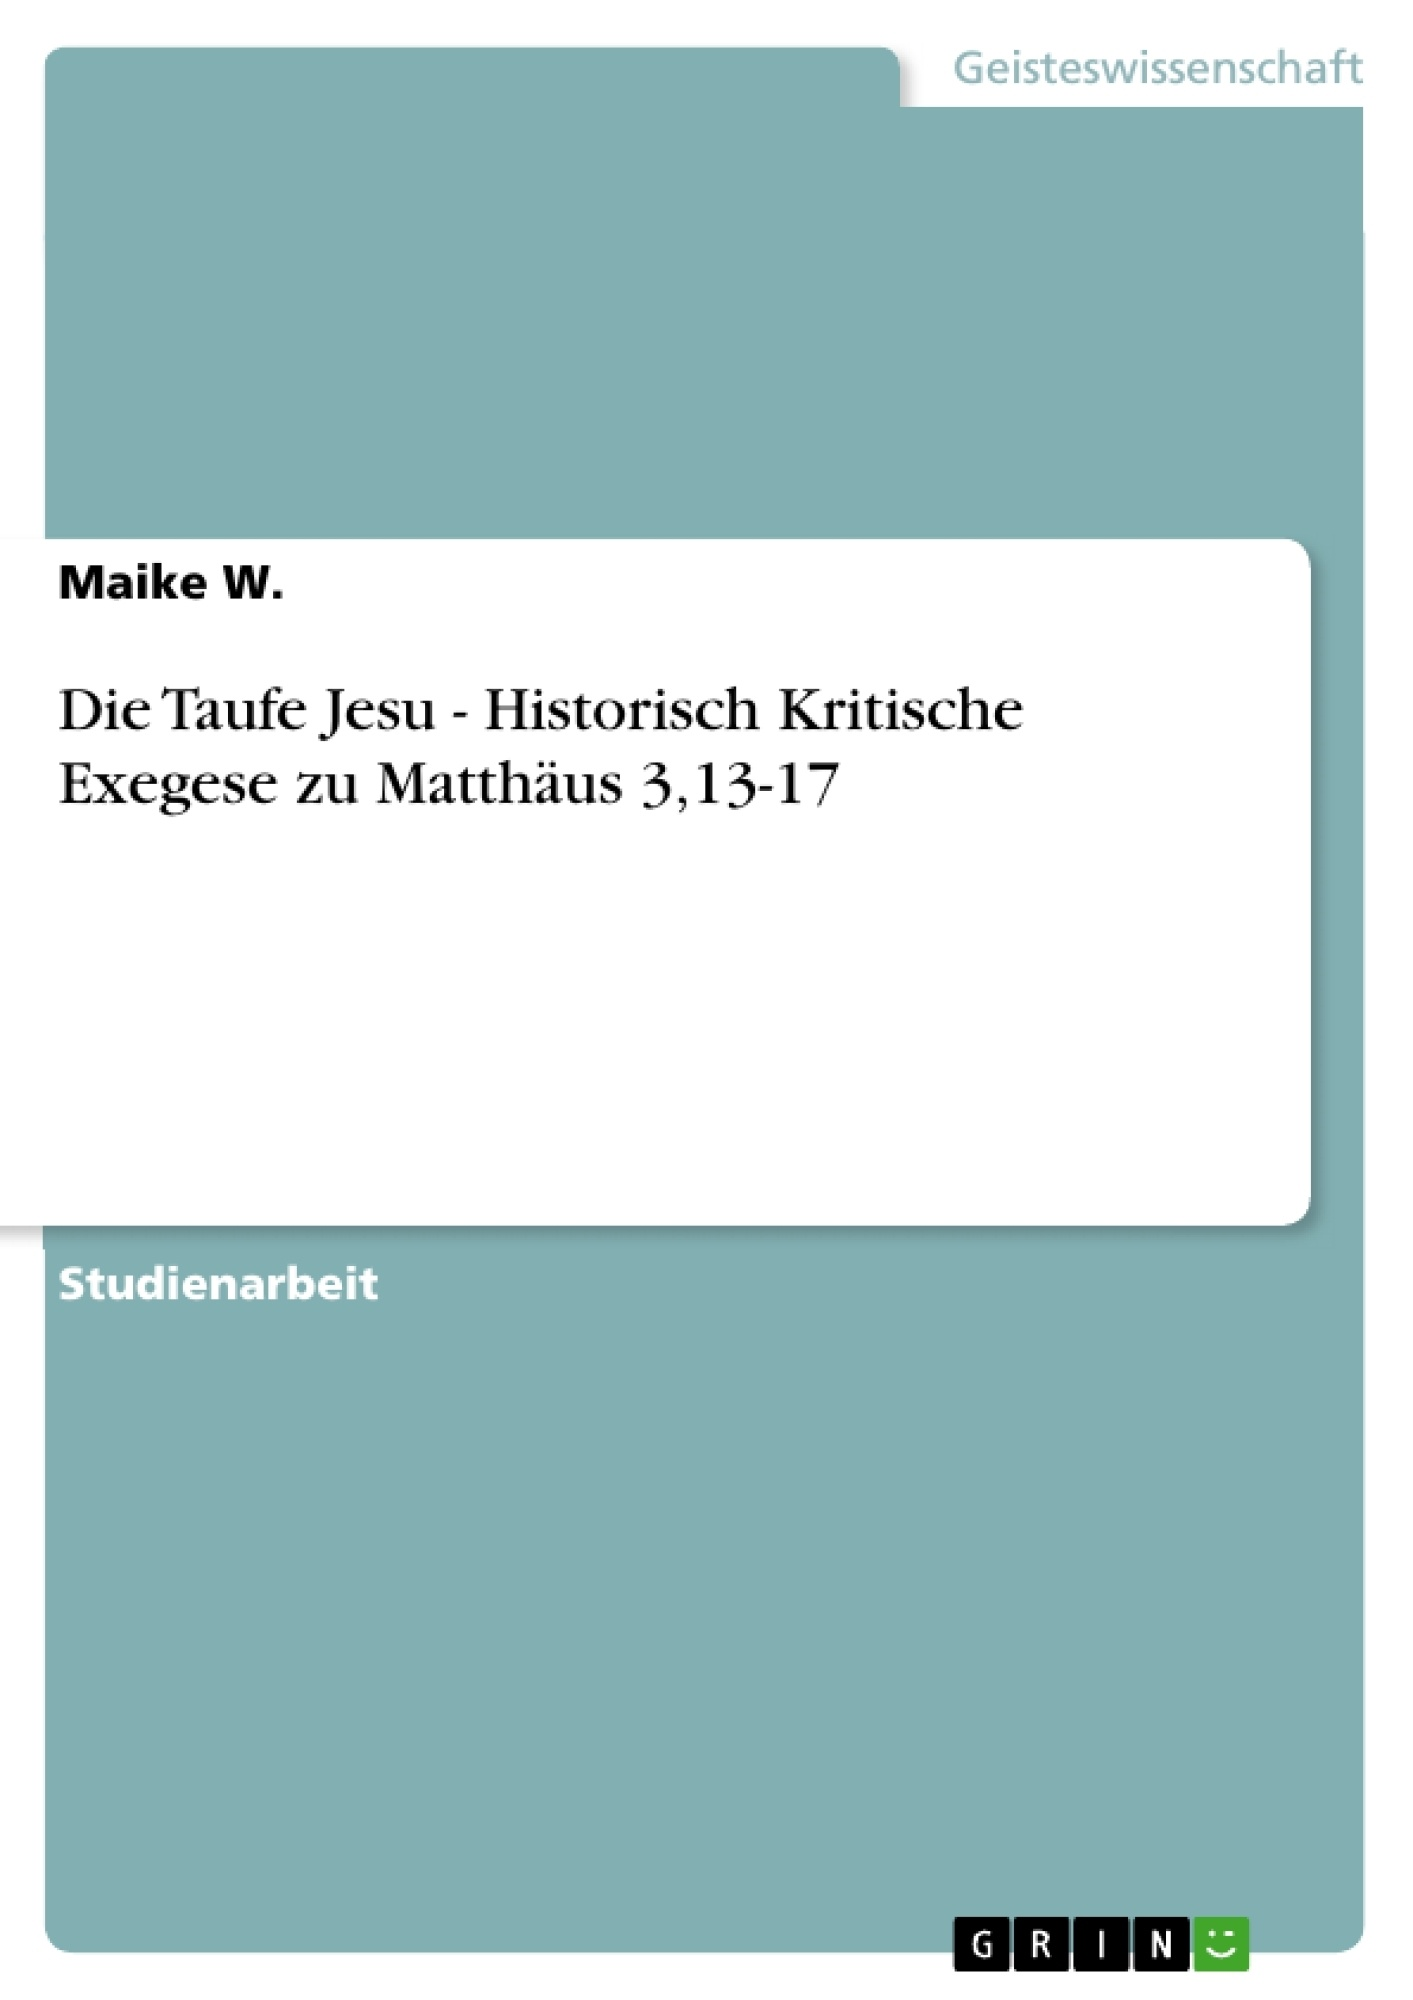 Titel: Die Taufe Jesu - Historisch Kritische Exegese zu Matthäus 3,13-17